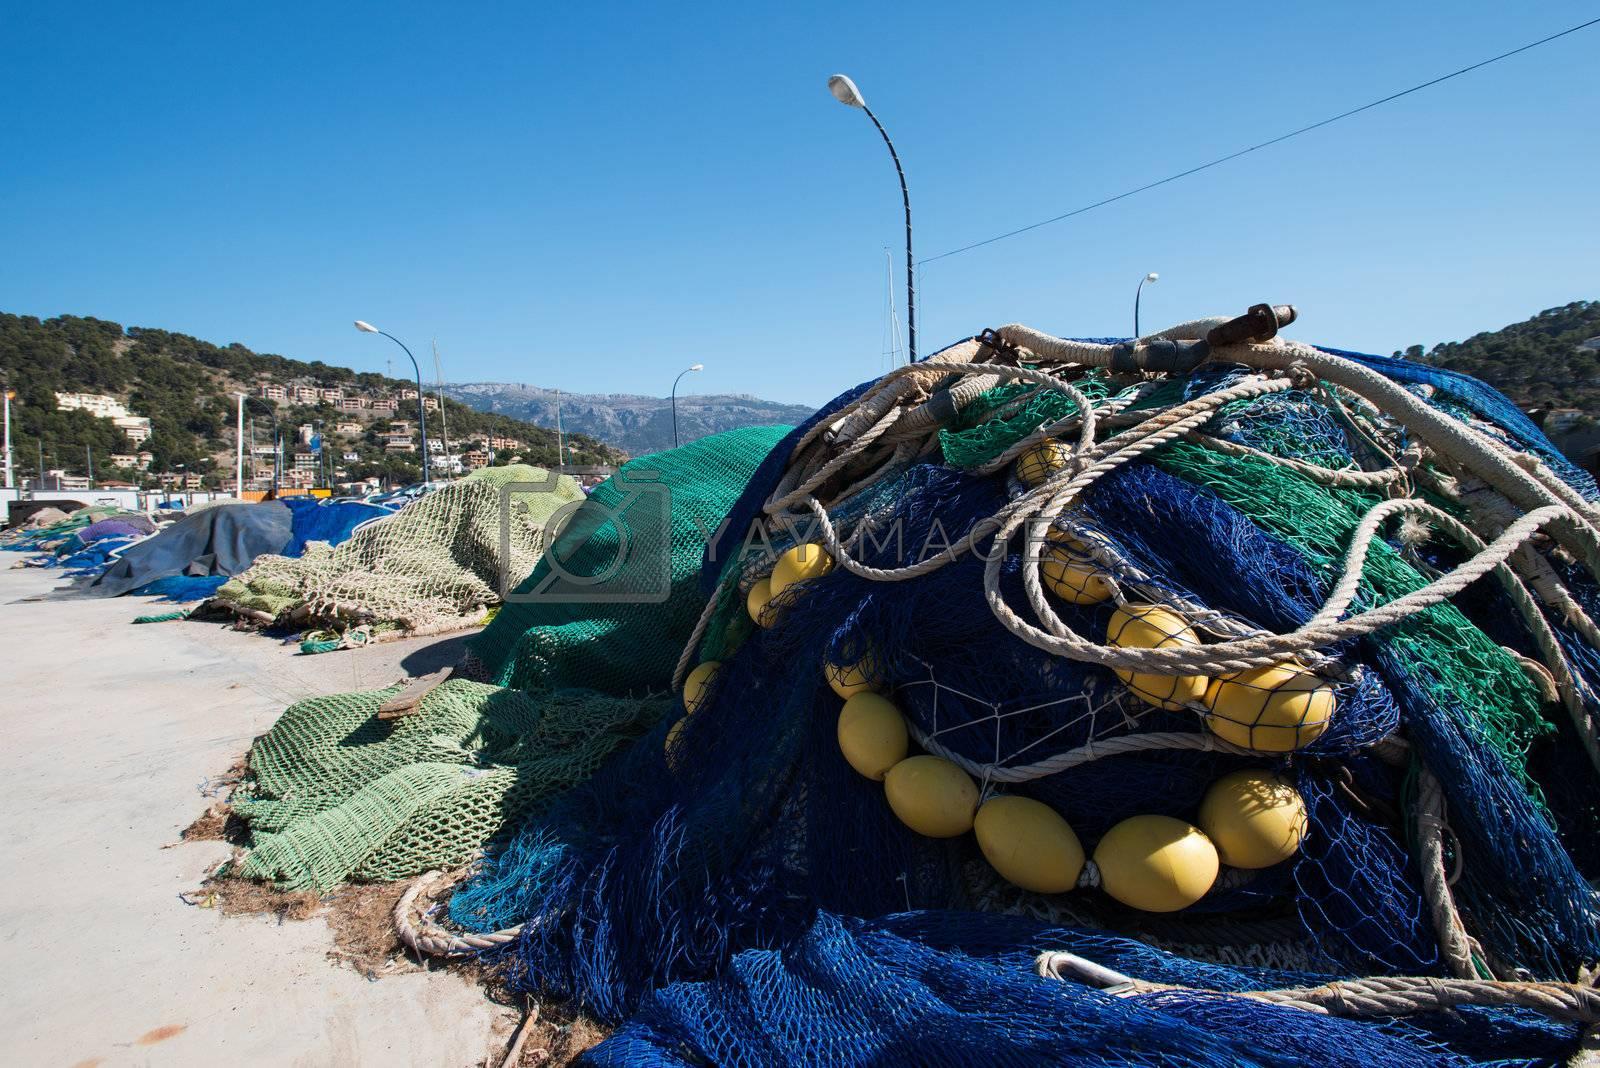 Fishing nets on a pier close up by Nanisimova